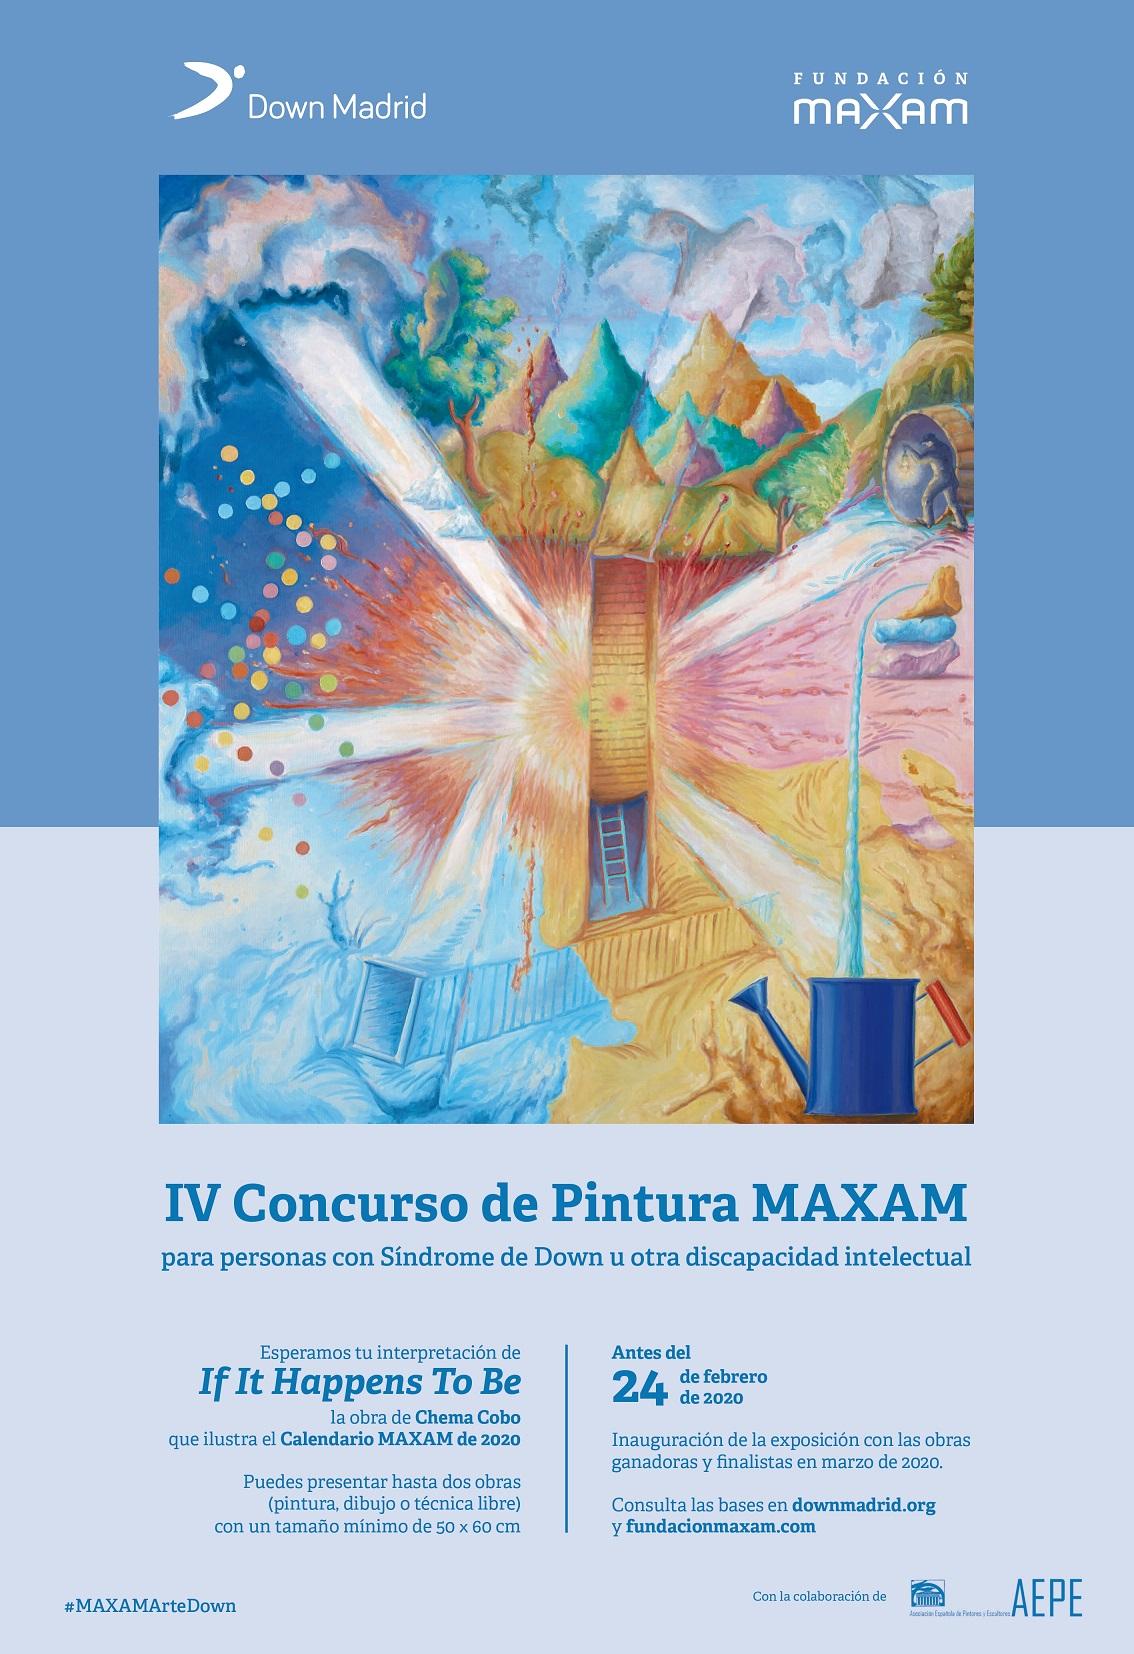 Concurso de Pintura MAXAM para personas con discapacidad intelectual'.